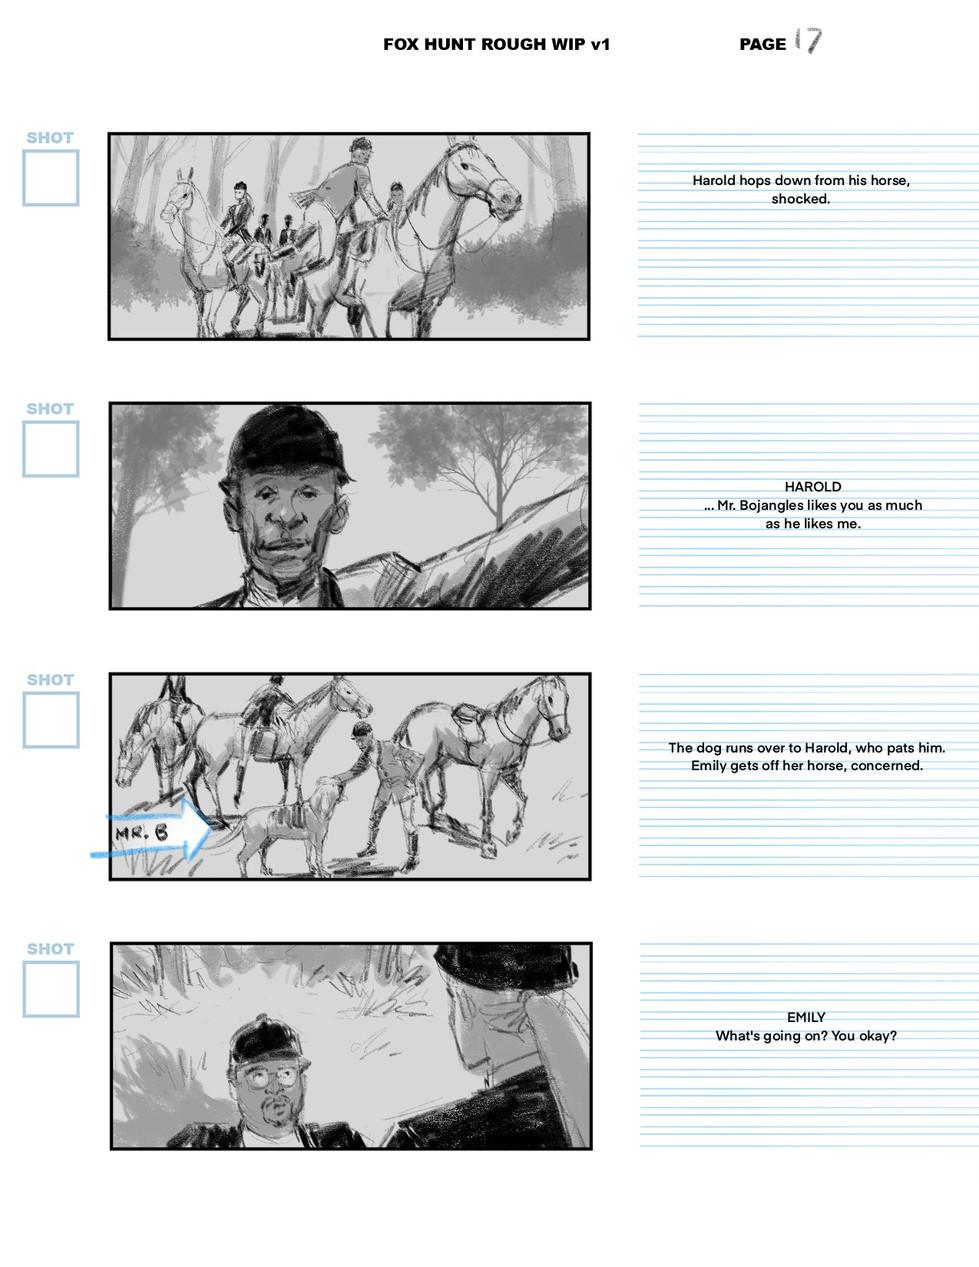 FH pg17.JPG